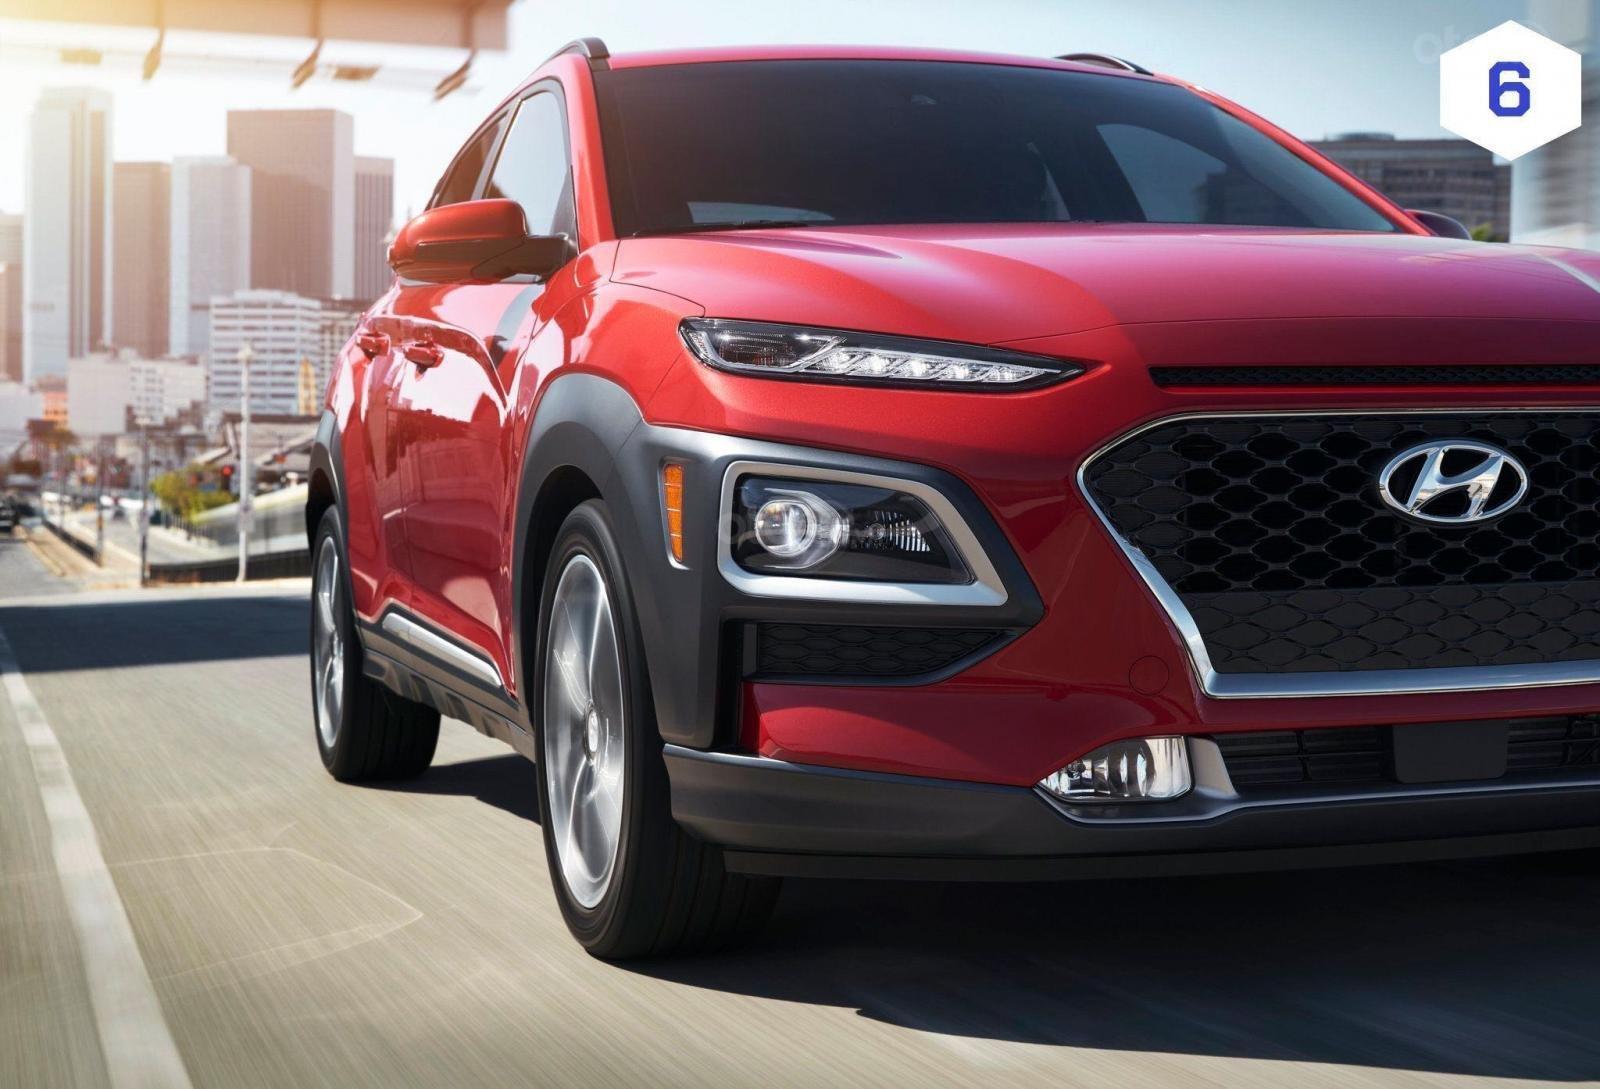 Bán xe Hyundai Tucson năm 2019, nhập khẩu, giá 800 triệu đồng (3)